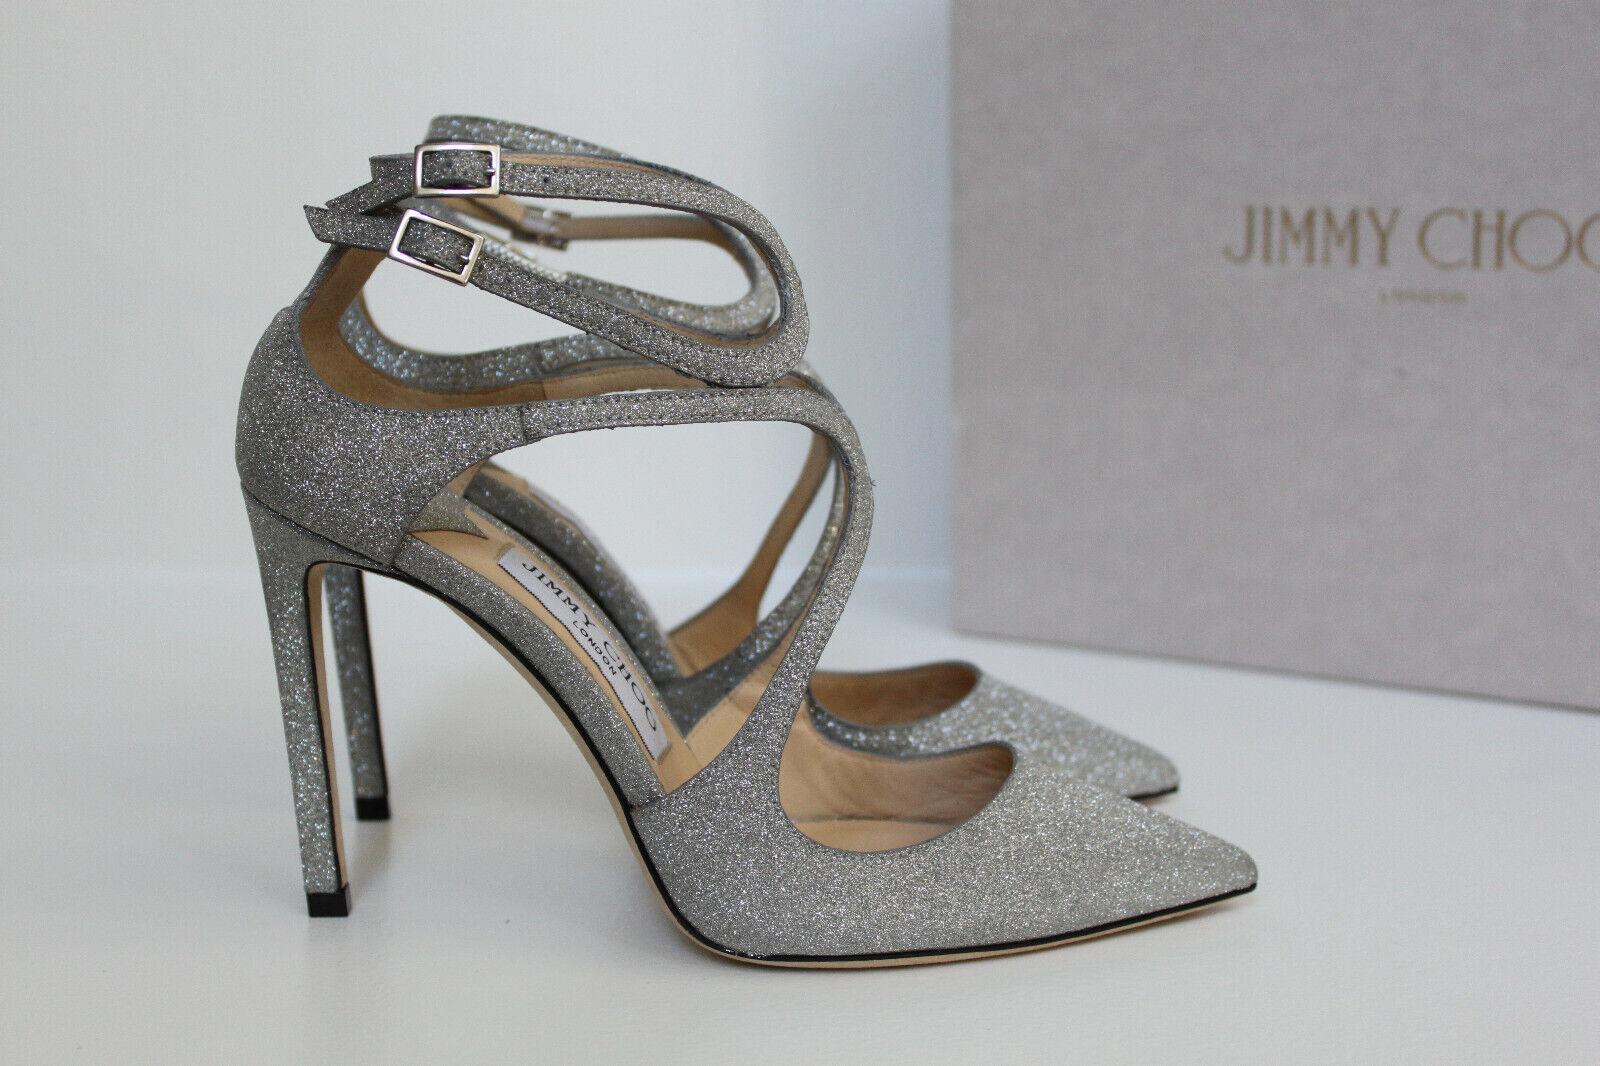 grandi prezzi scontati Sz Sz Sz 6   36 Jimmy Choo Lancer Strappy Fine Glitter Pointed Toe Ankle Pump scarpe  scelta migliore